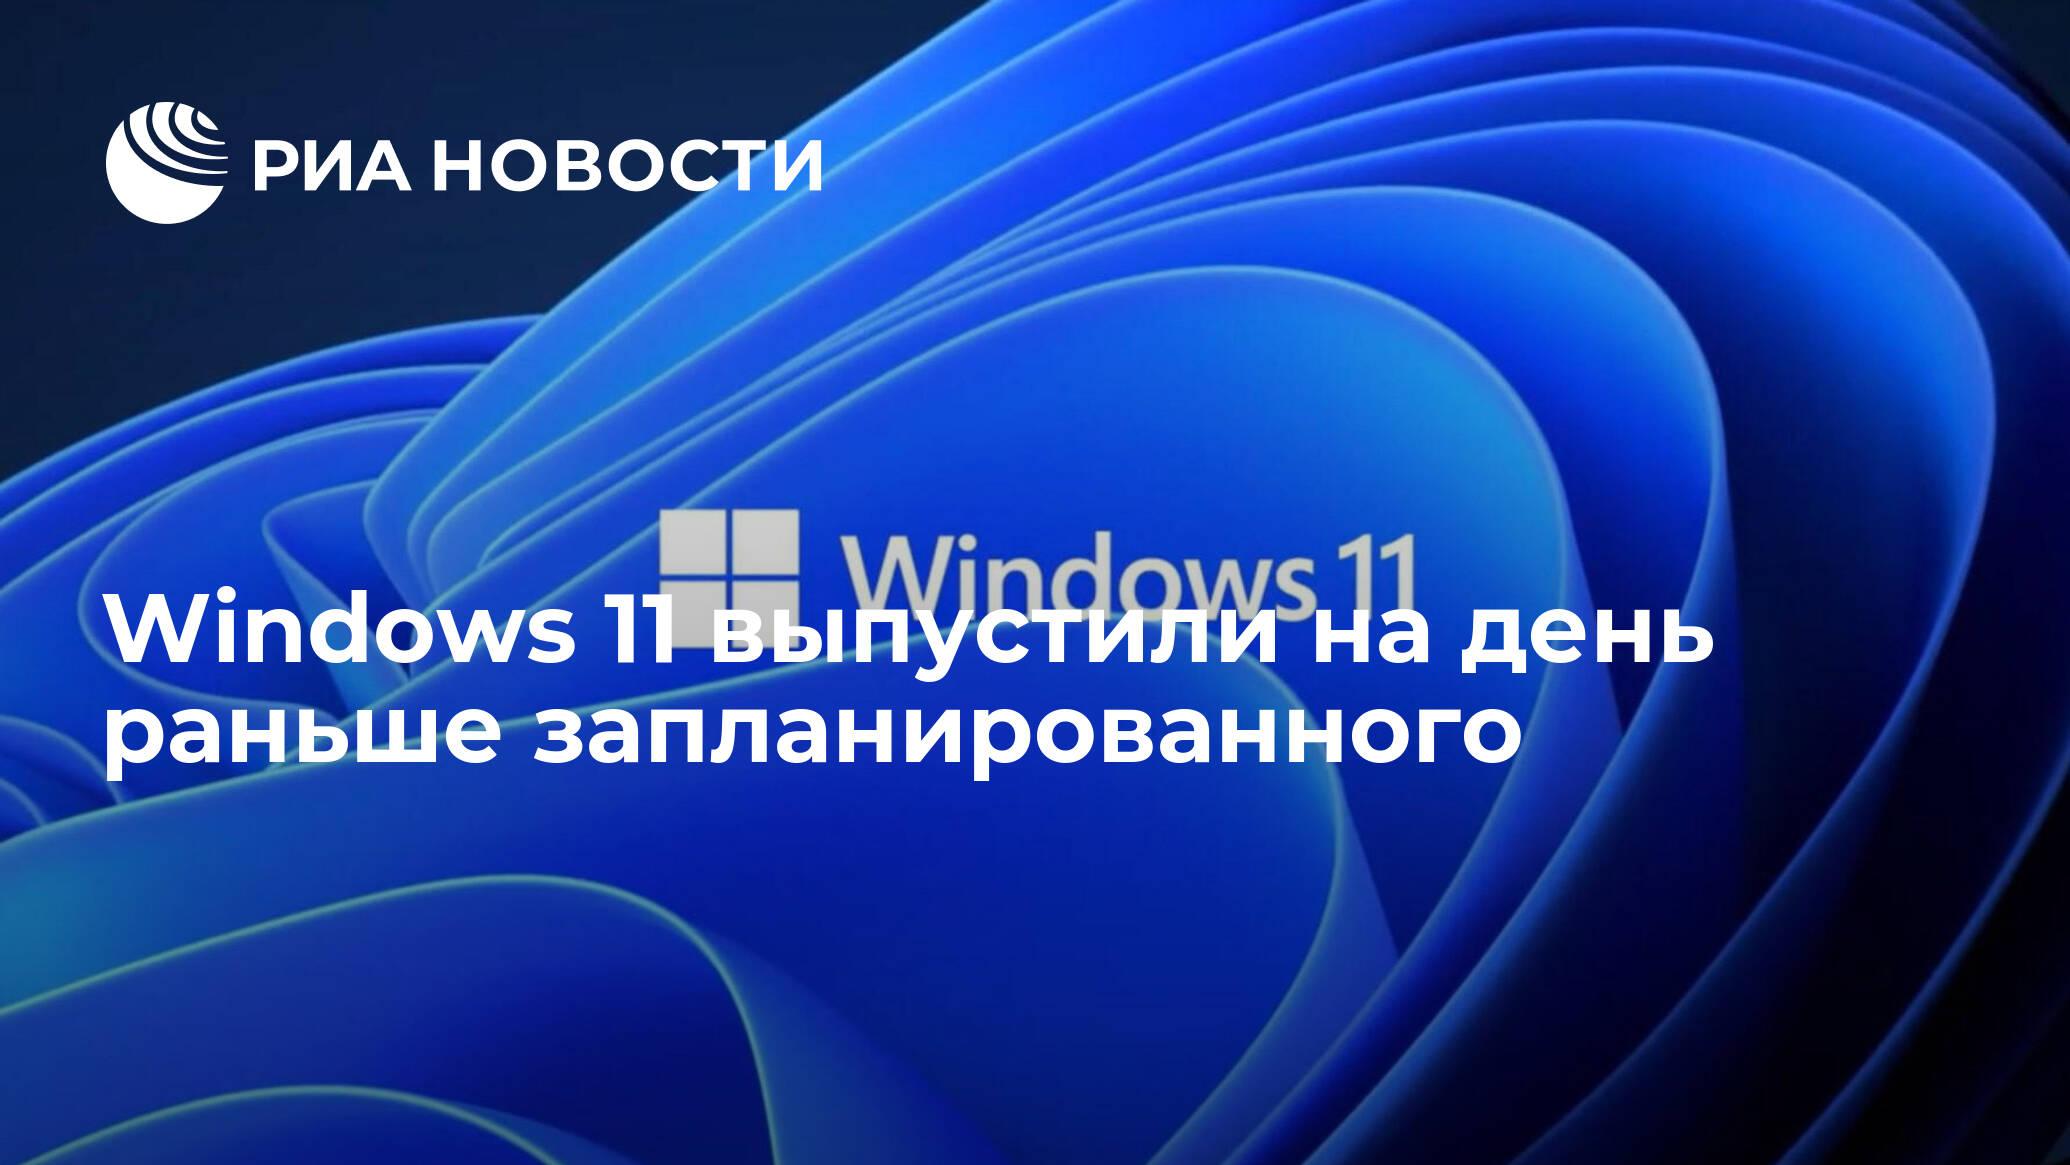 Windows 11 выпустили на день раньше запланированного